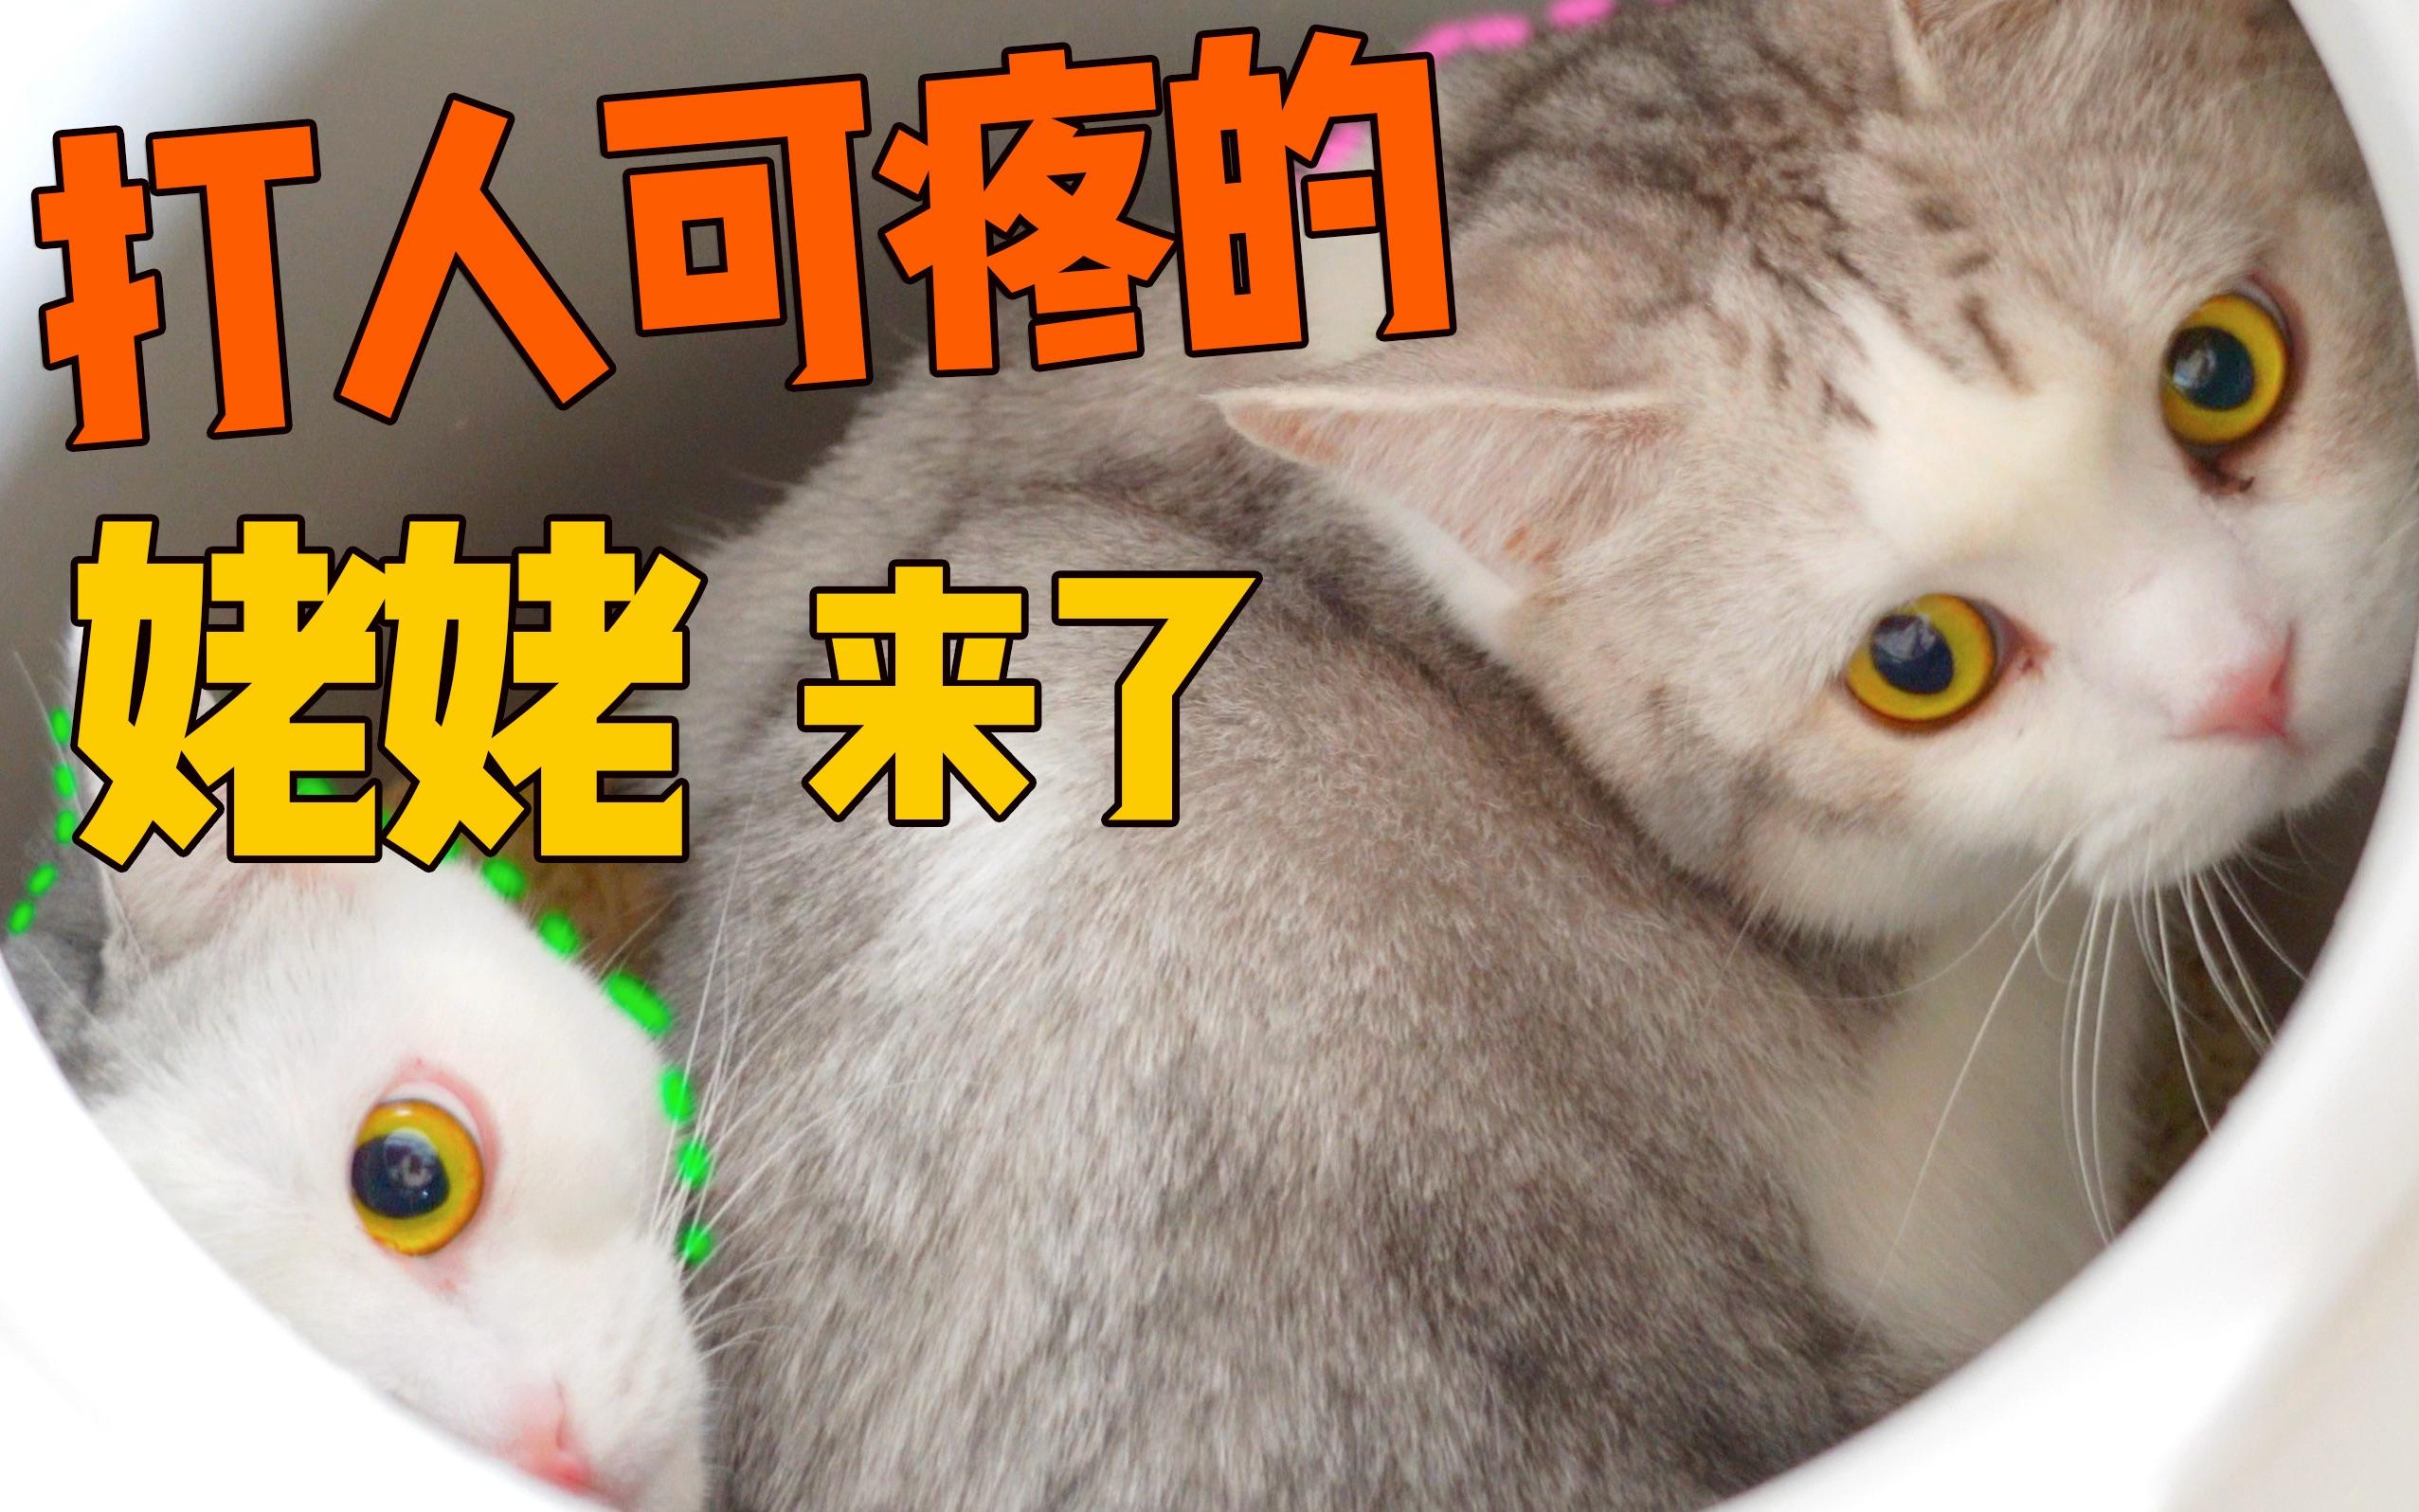 家里来了陌生两脚兽, 猫咪争先恐后藏进猫砂盆, 三天都没出来